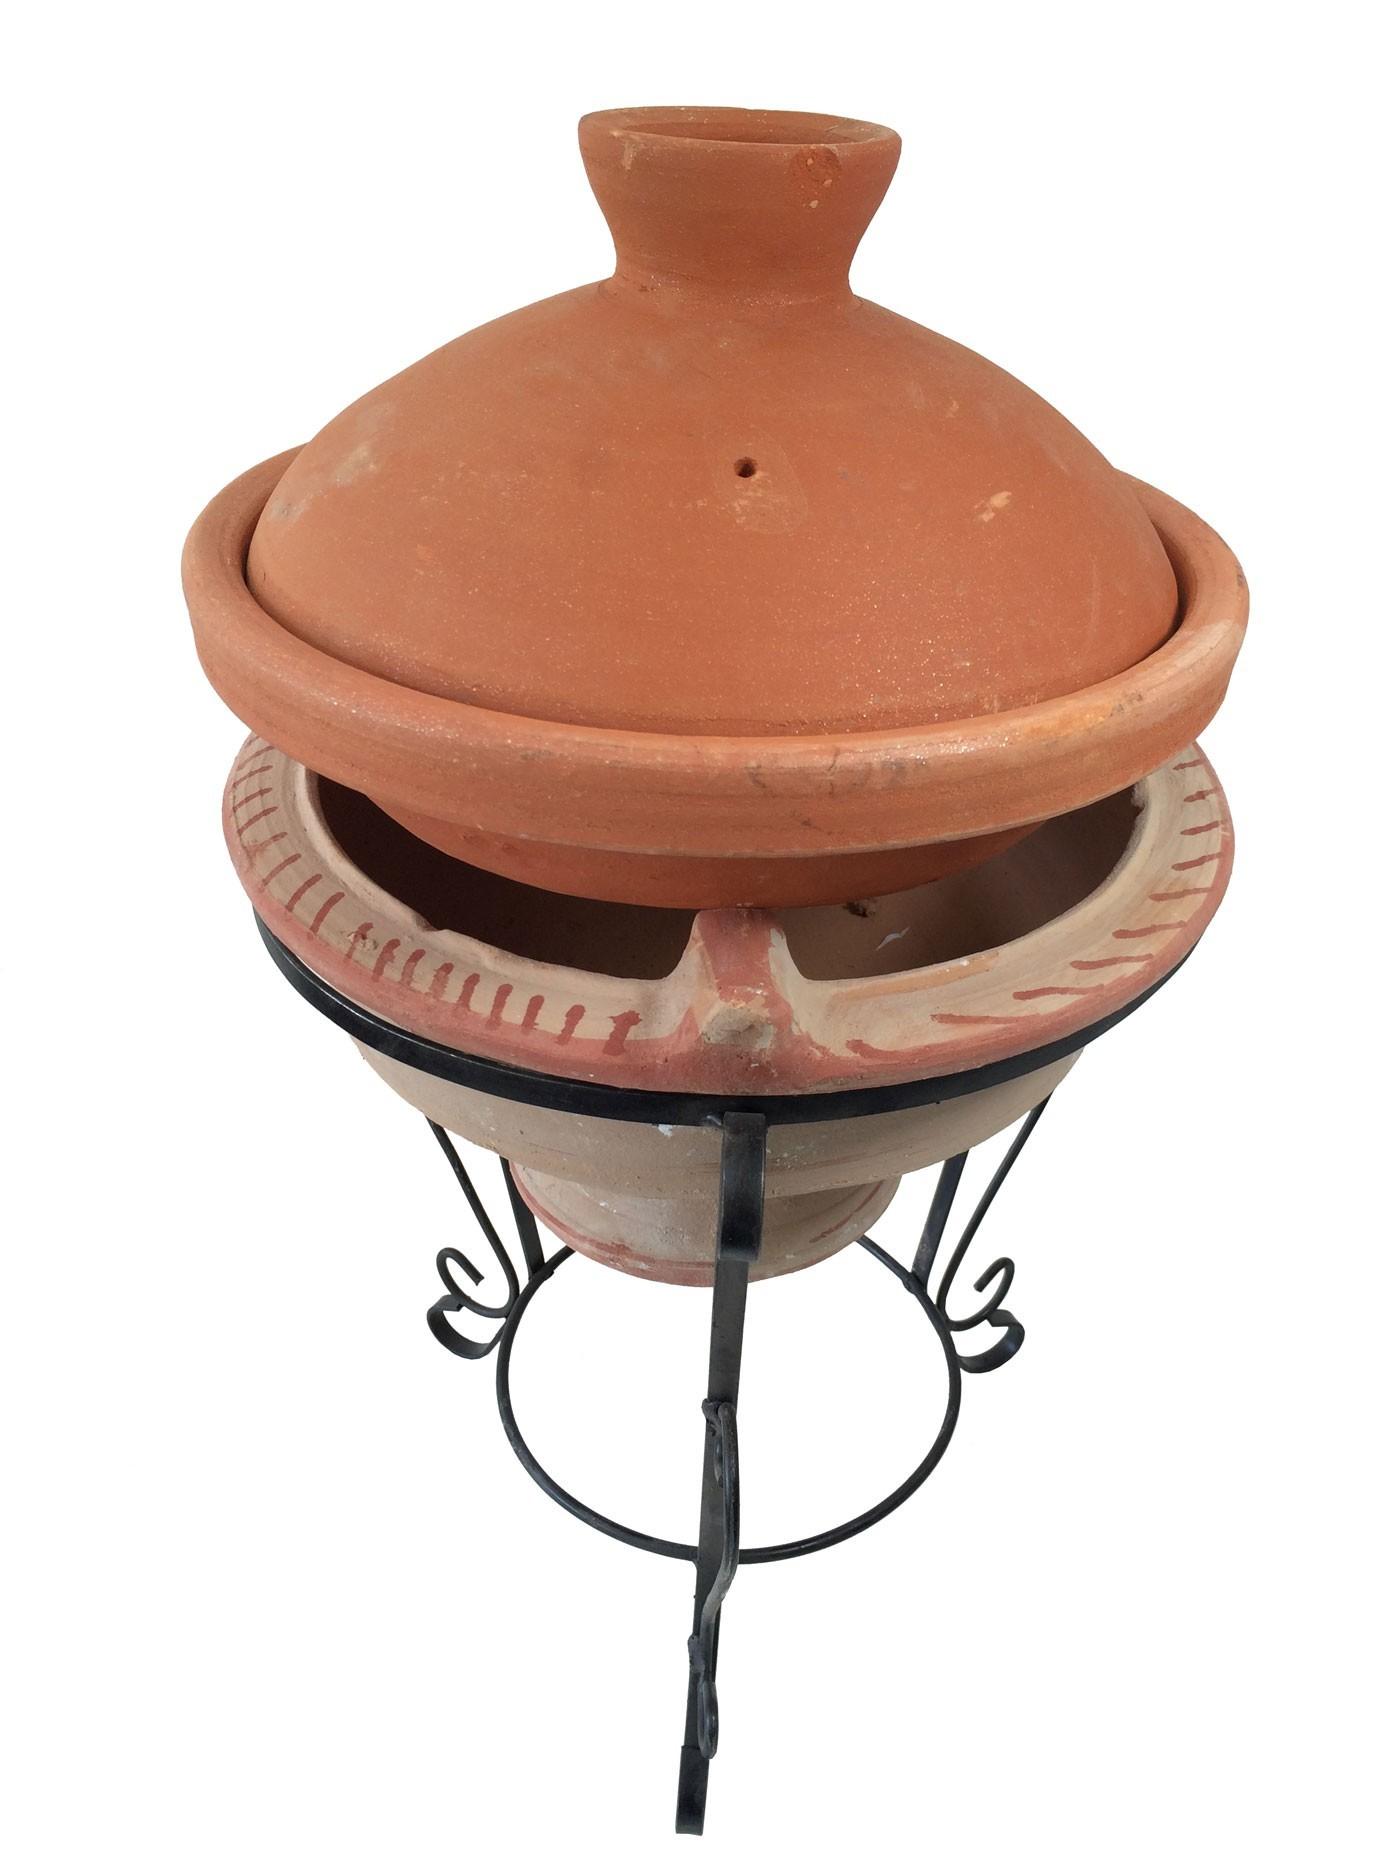 Plat tajine terre cuite d cor diam 30 et son brasero cm - Plat tajine terre cuite ...